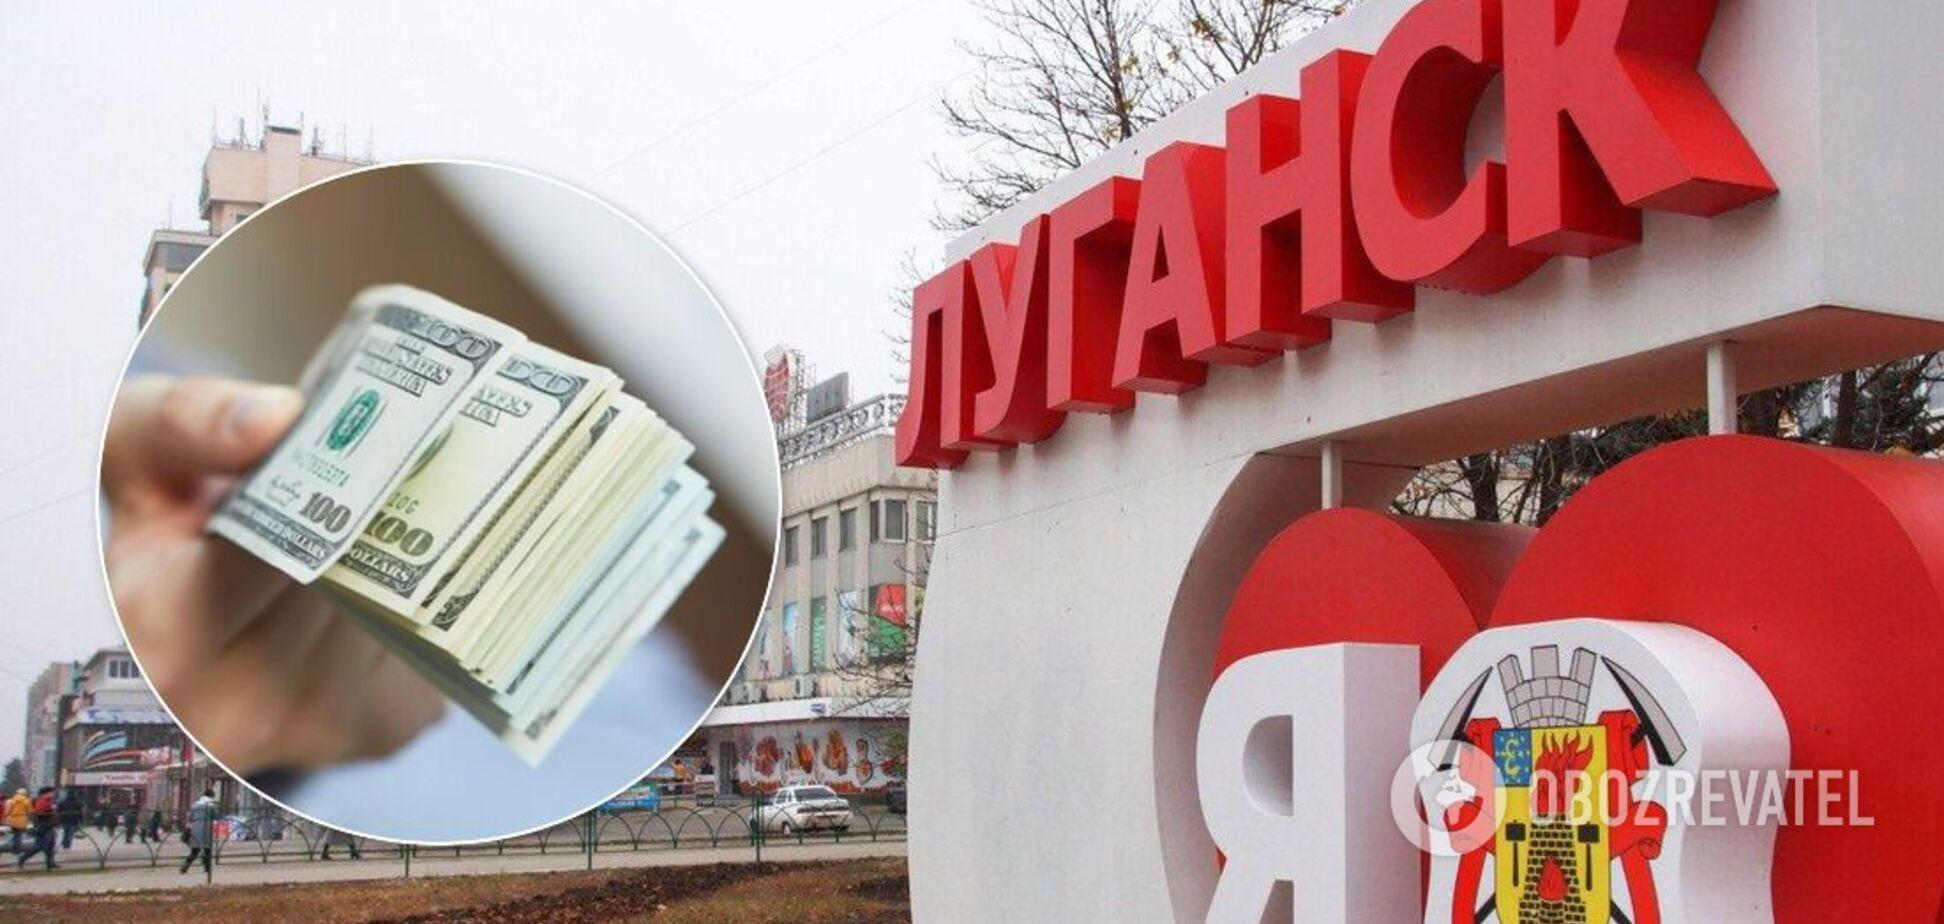 Ціни на квартири в Луганську впали в 3-4 рази